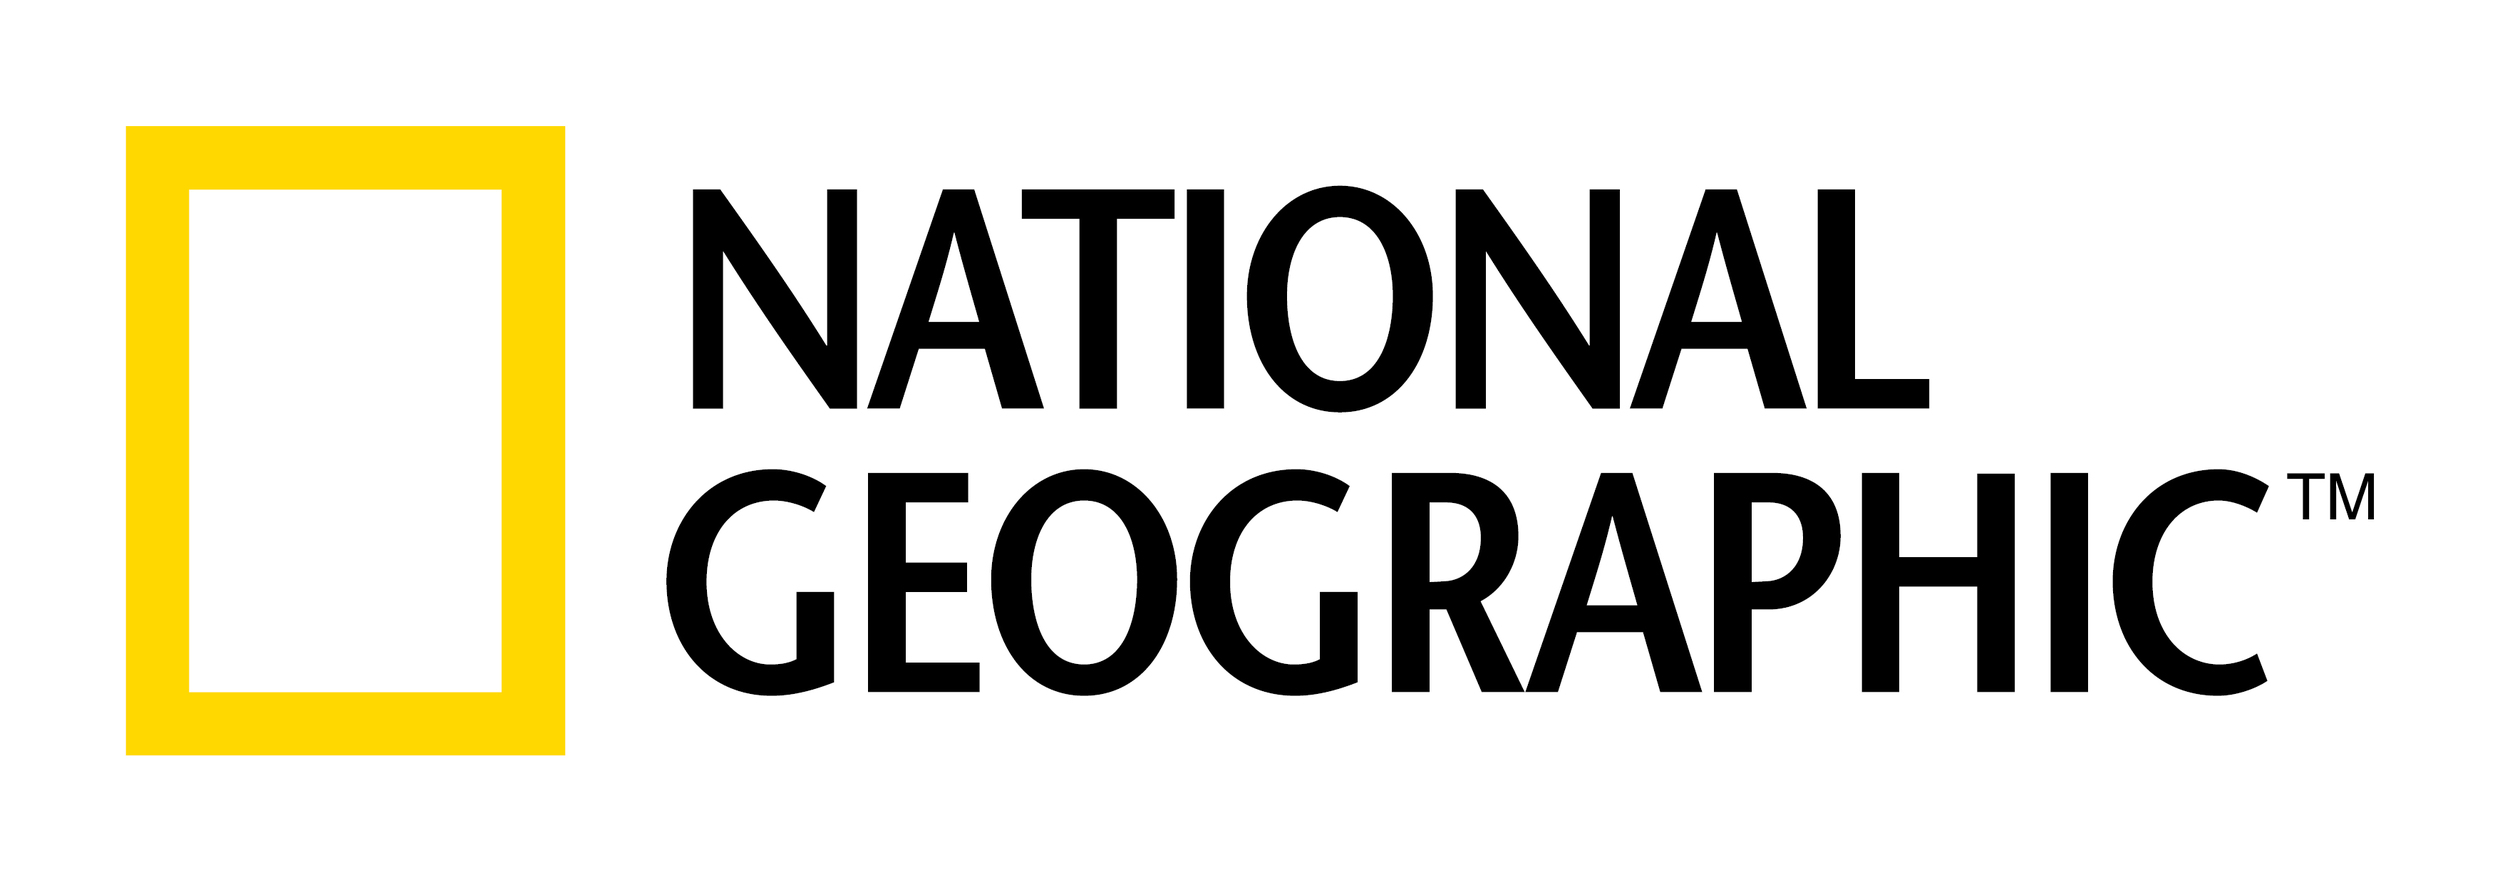 ng_logo_tm_whitebackground_cmyk.jpg